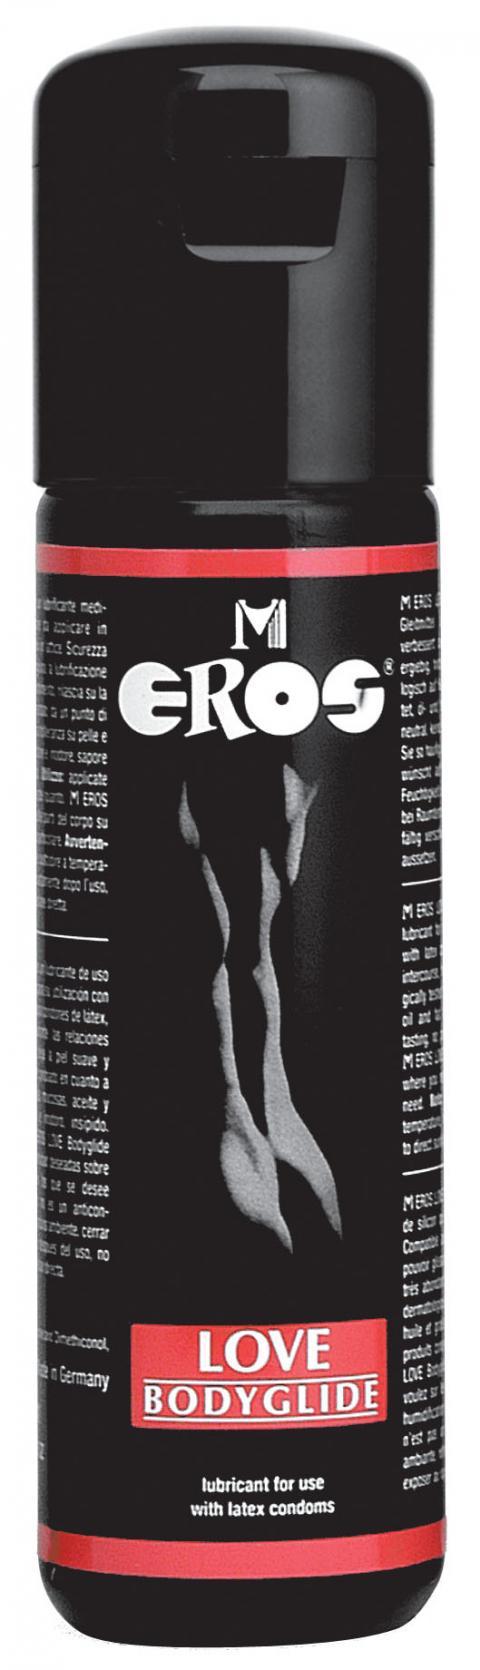 Lubrifiant Eros Love BodyGlide 100 ml